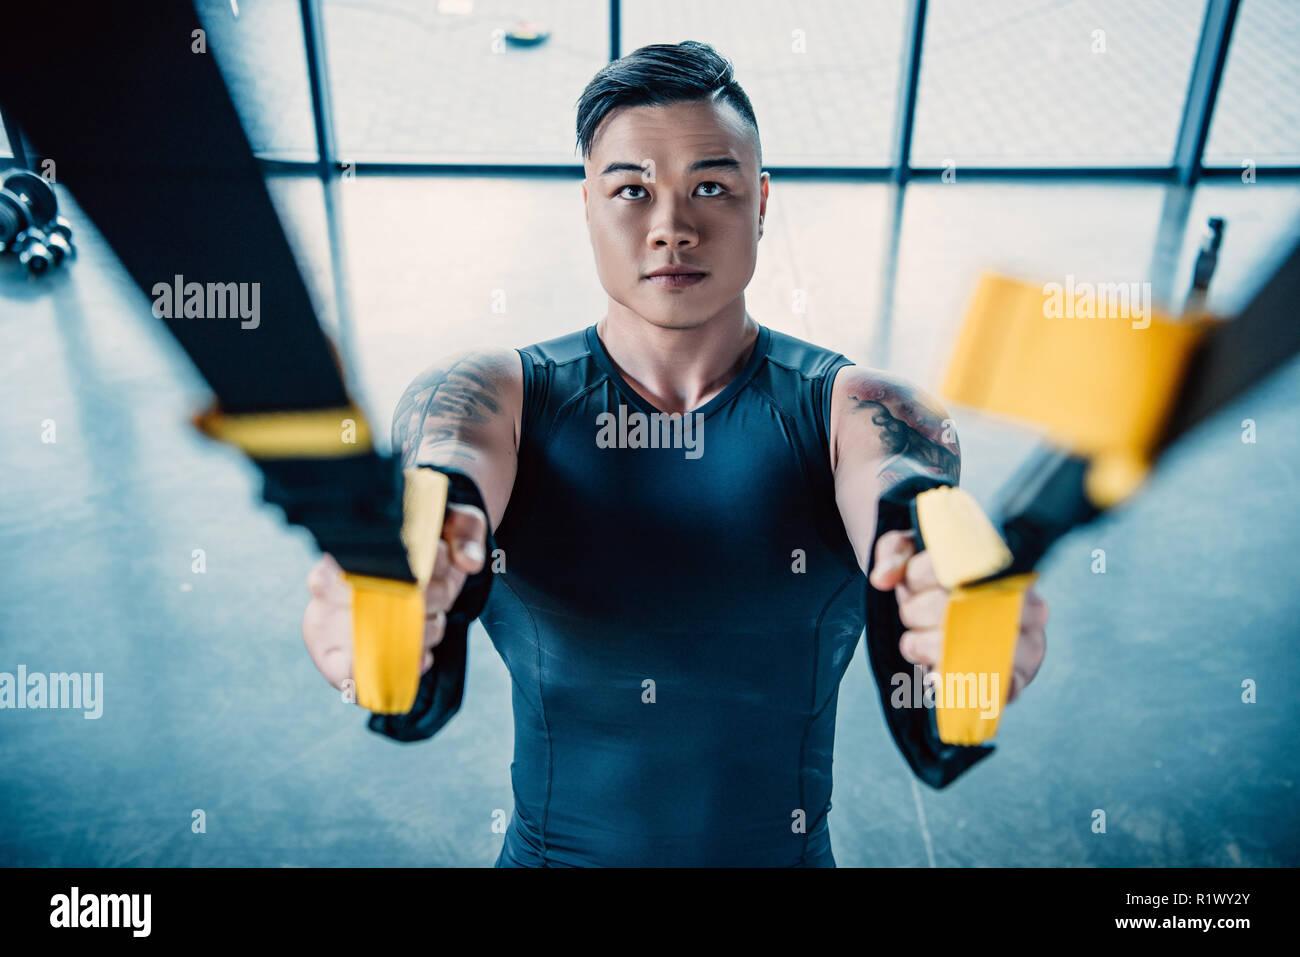 Centrado joven deportista entrenamiento muscular con bandas de resistencia en el gimnasio Foto de stock